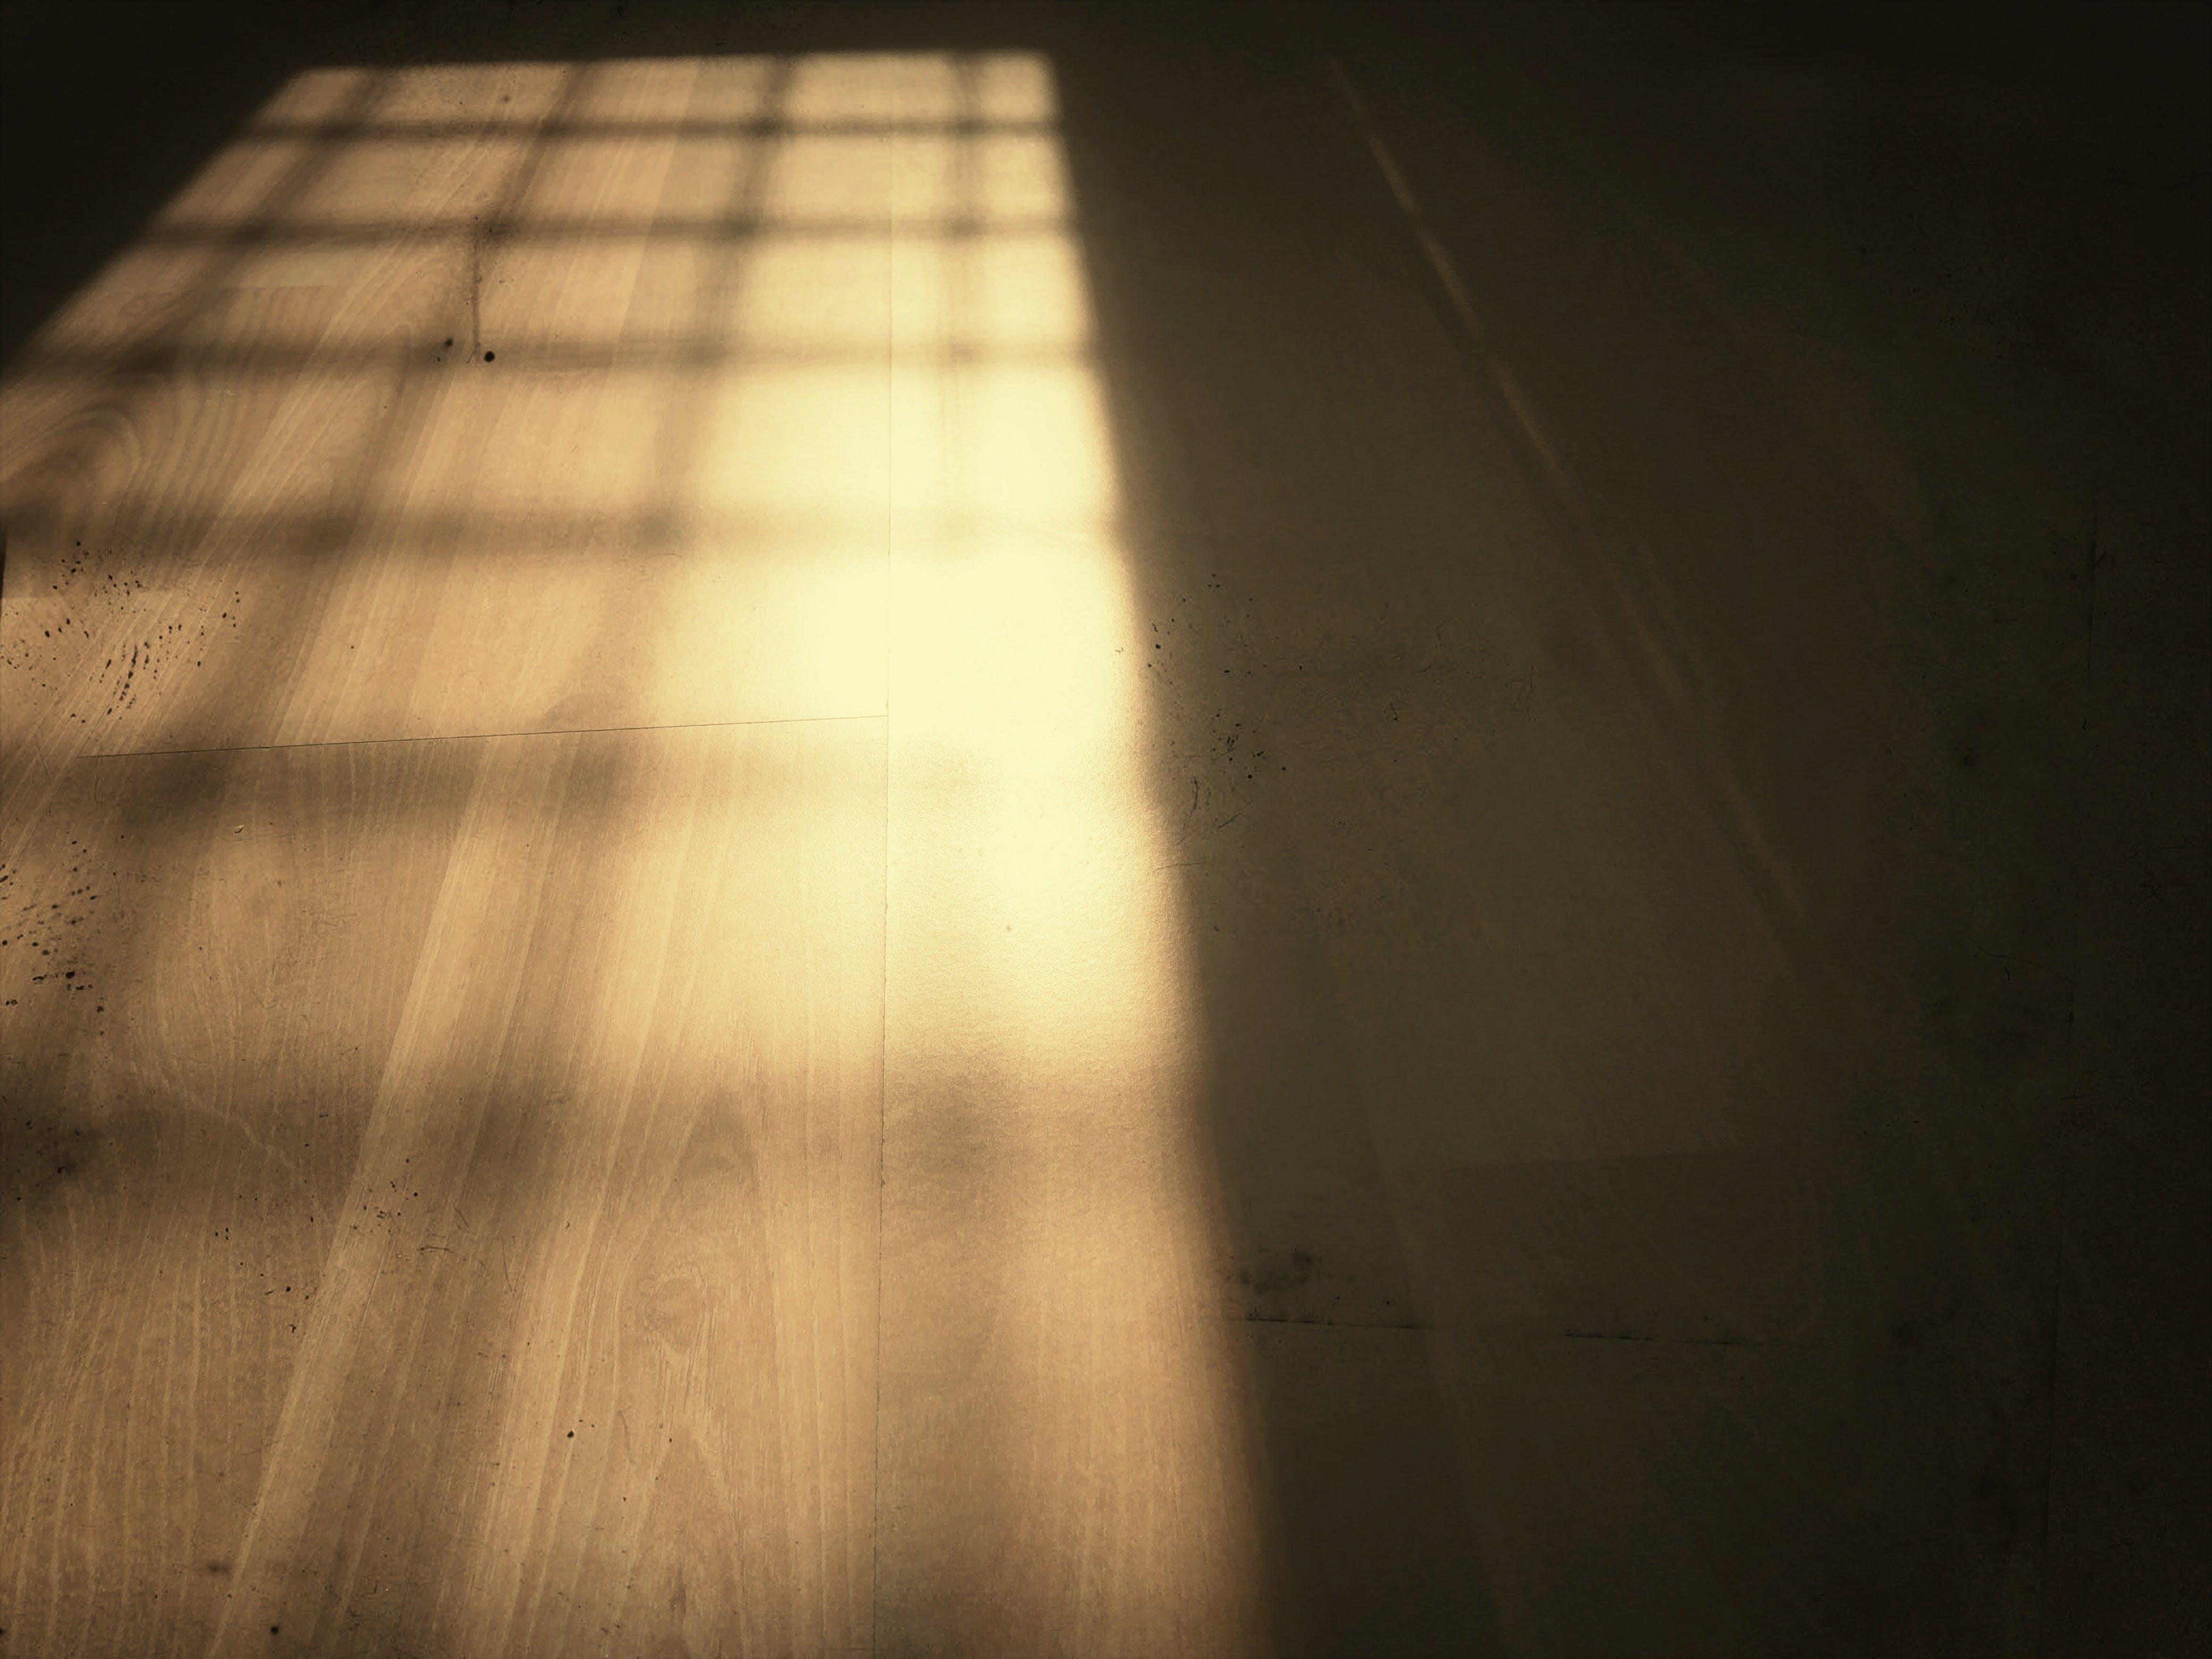 Gratis lagerfoto af blødt træ, gulv, skygge, tekstur